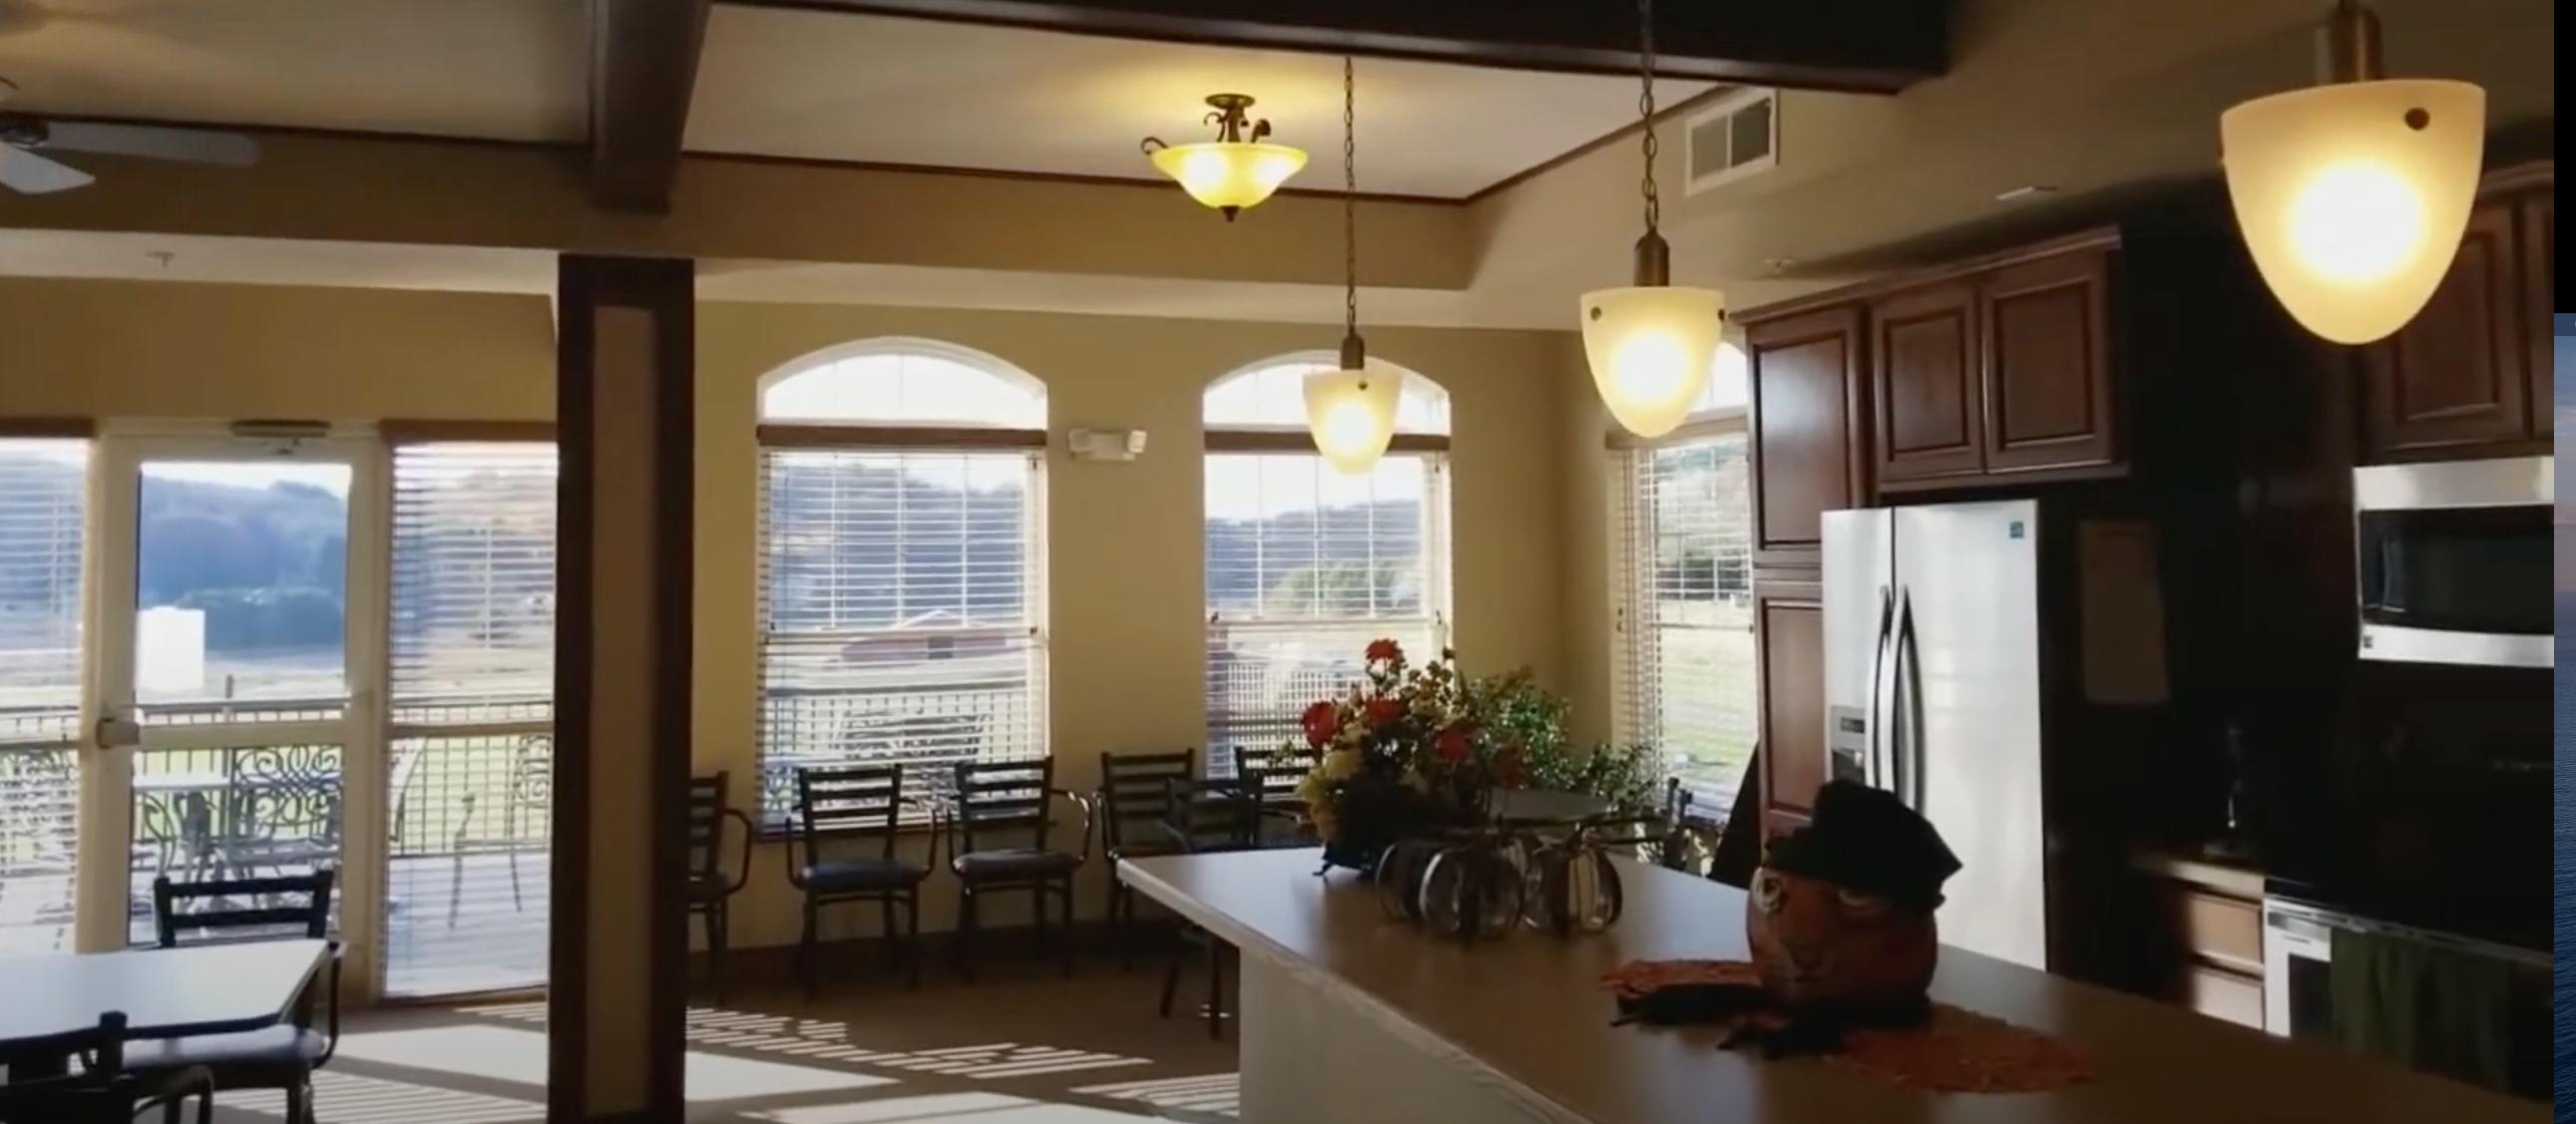 Senior Living Commons Room